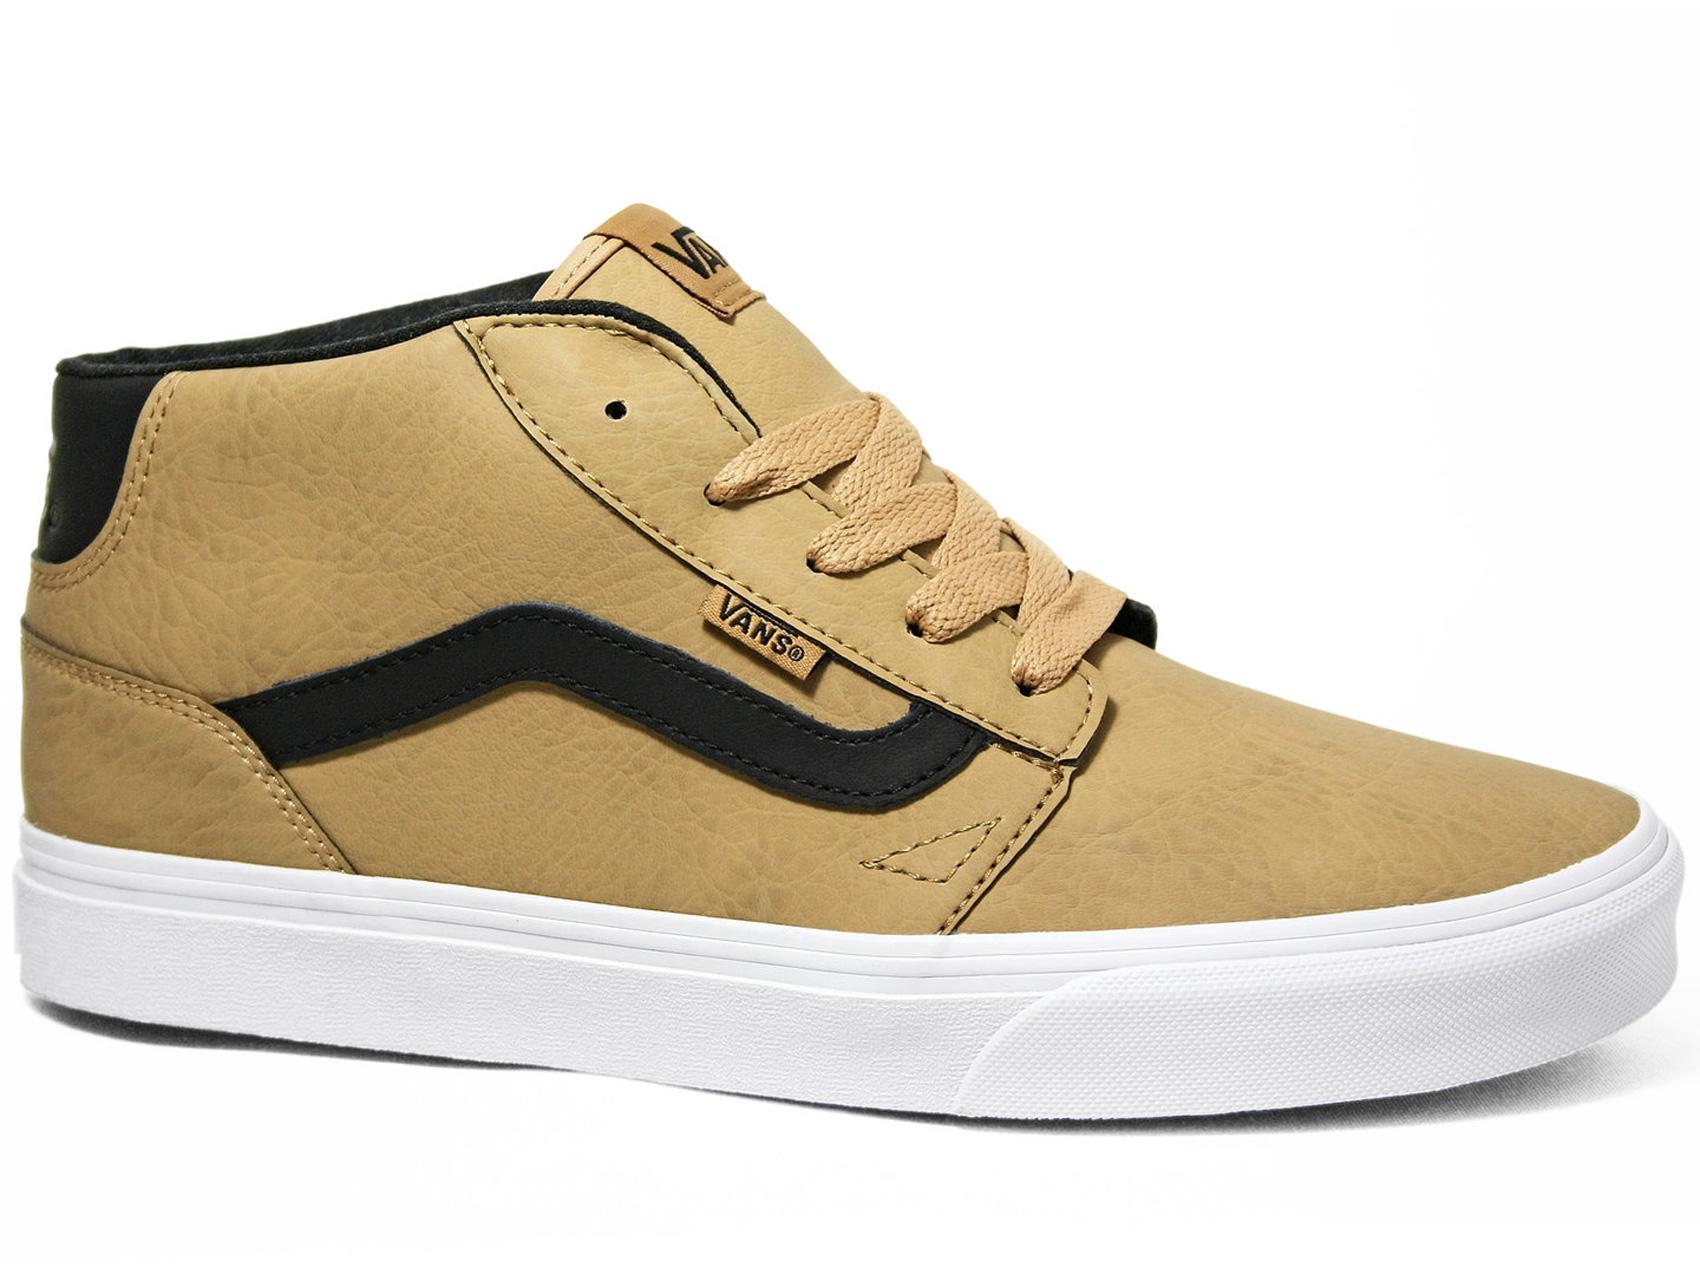 vans vans vans patiner chaussures chapFemme à mi cuir noir, bronzé, mi haut, vrai blanc | De Qualité  e7a9cc